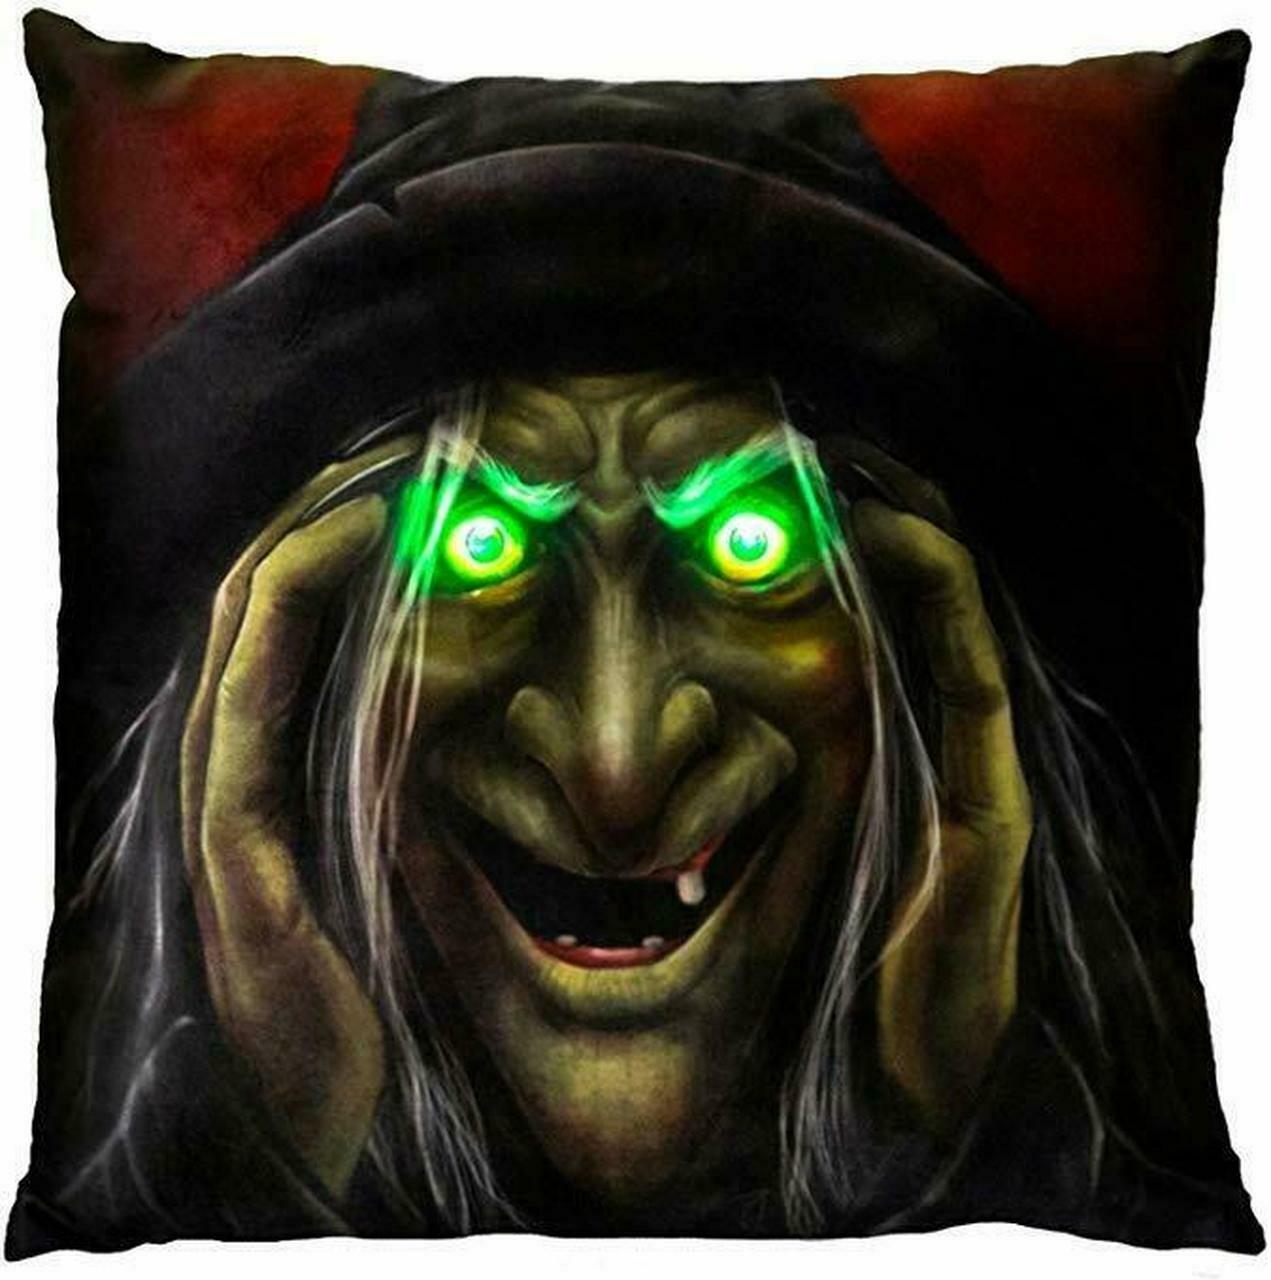 Light-Up Pillow - Peek-A-Boo Witch